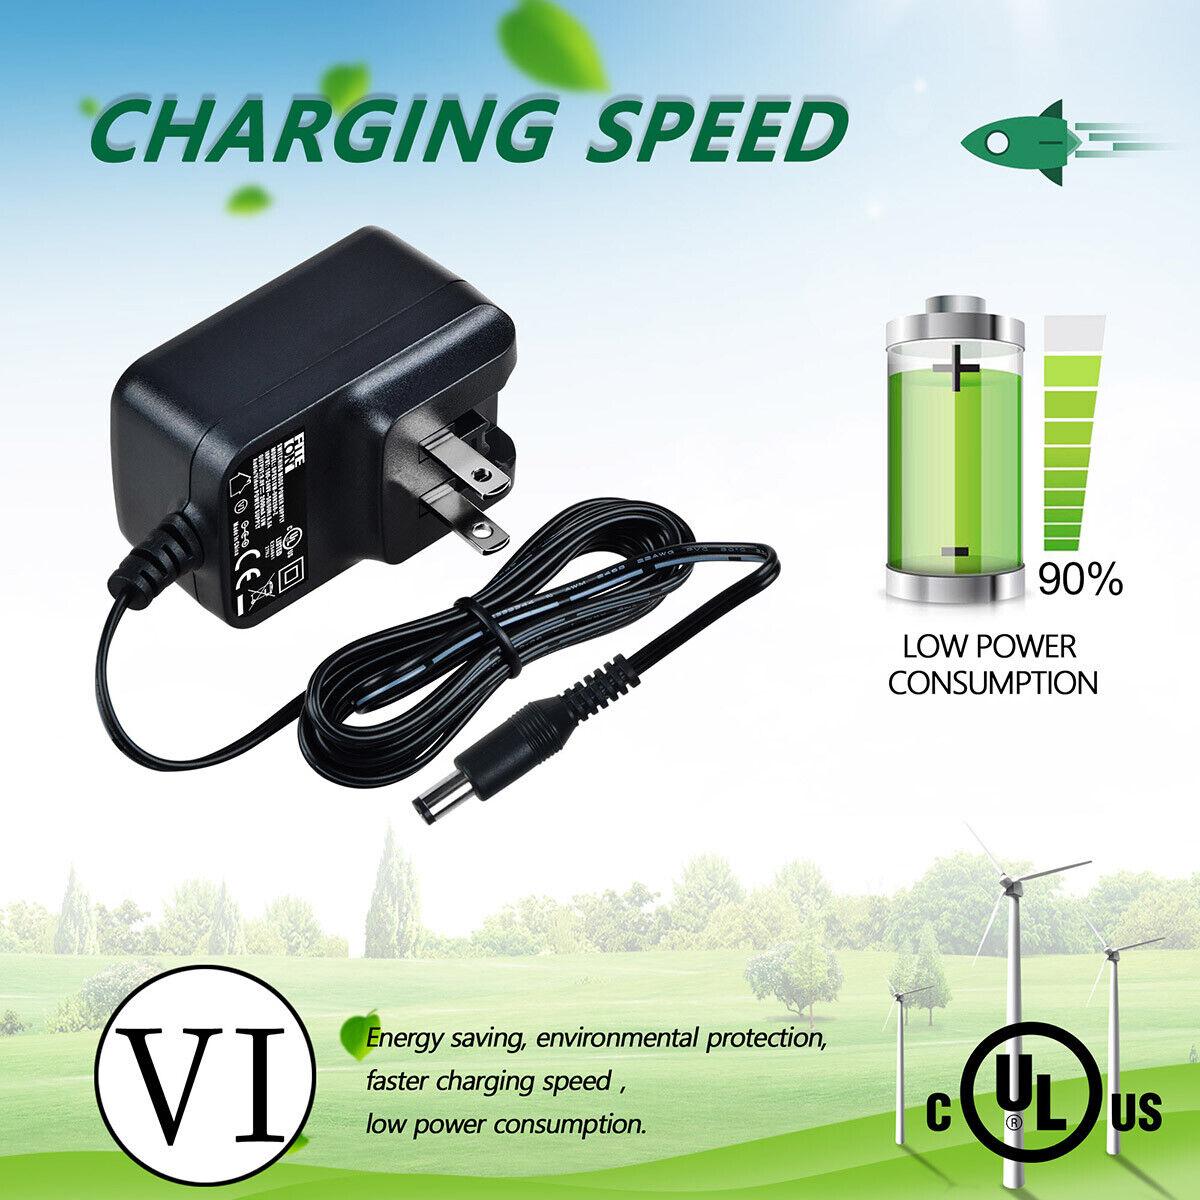 UL 5ft AC Adapter Charger For Peak PKCOCG PKC1AO PKCOAS PKCOAN Power Cord Mains